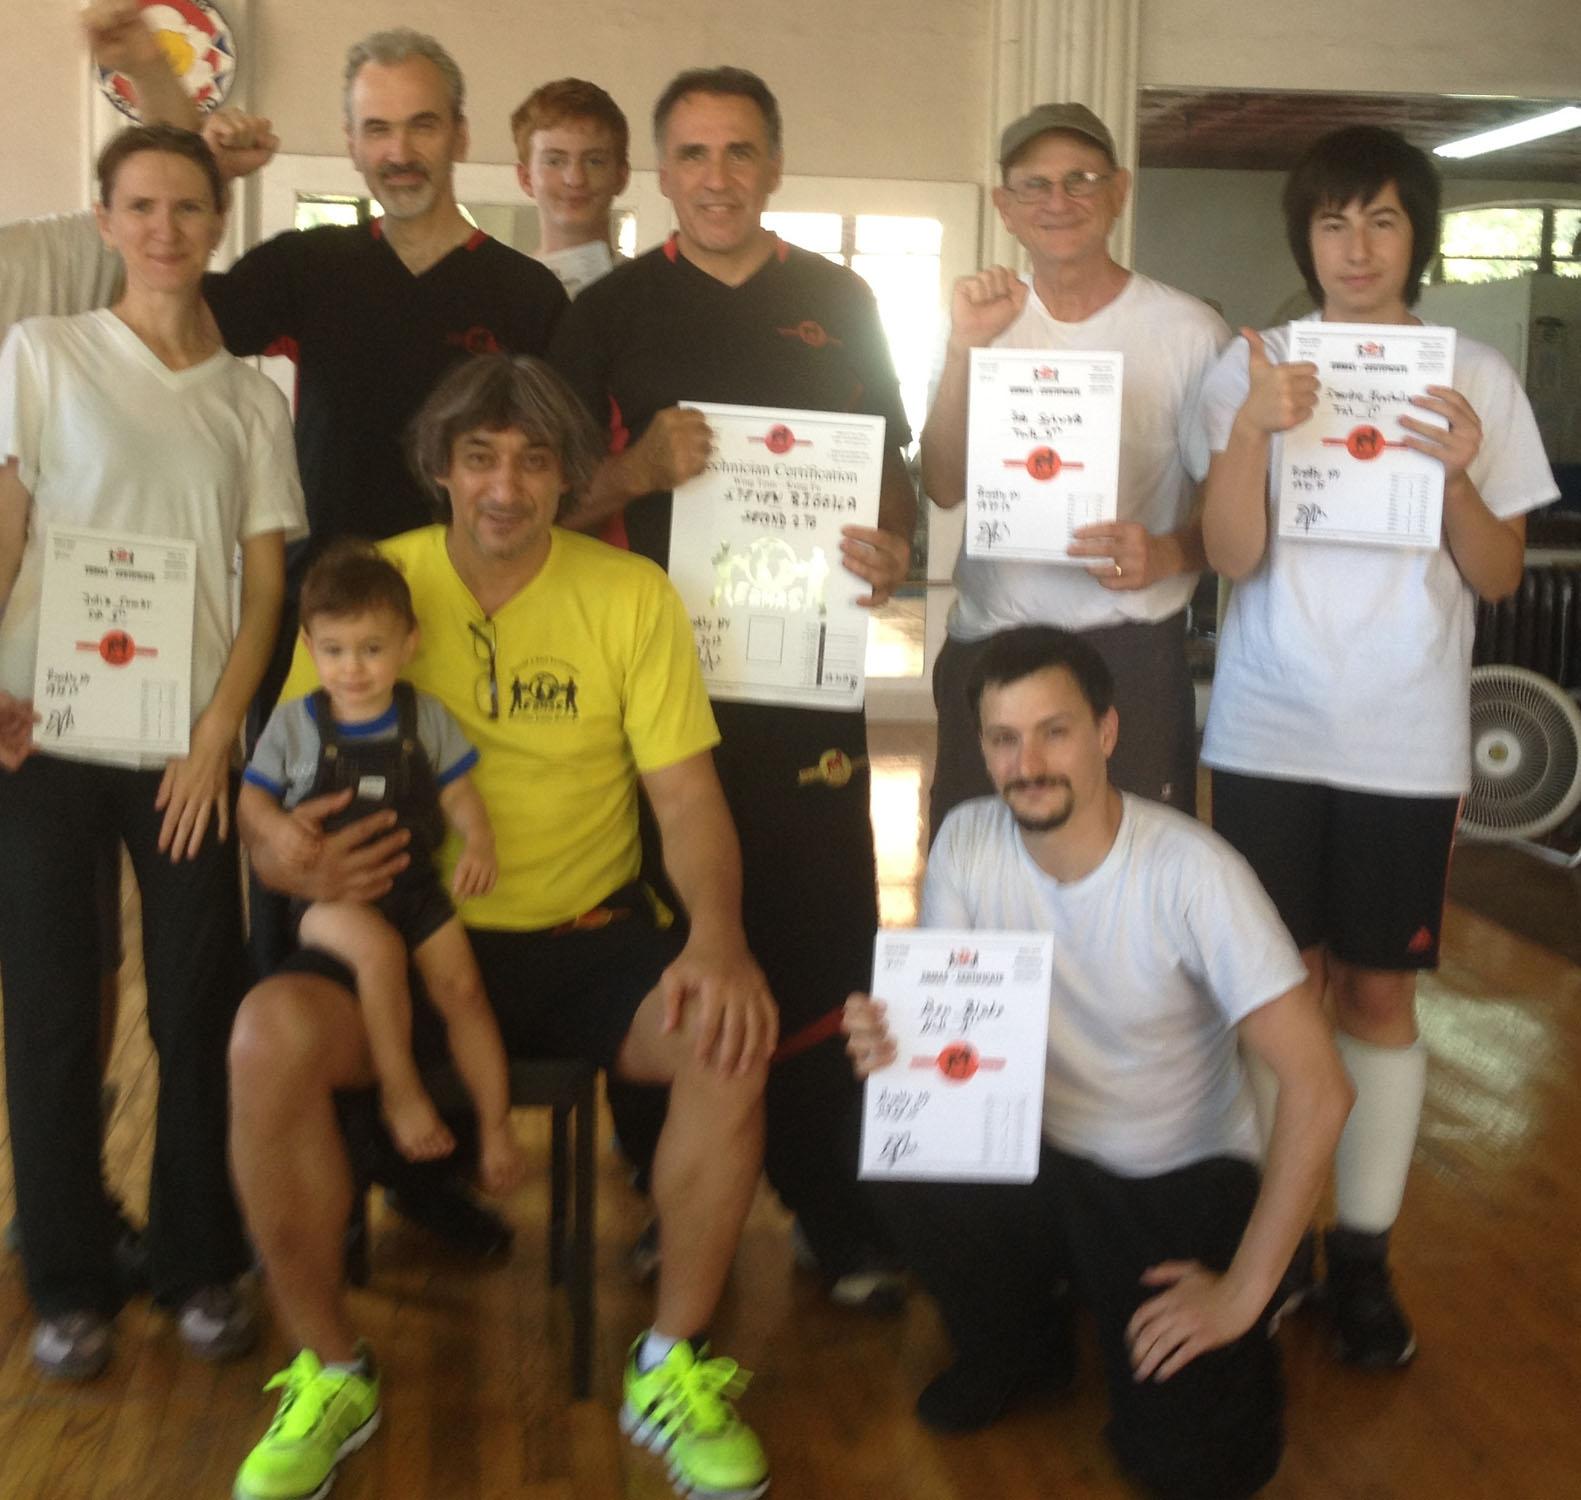 Emin Boztepe Seminar: Sep 20, 2015